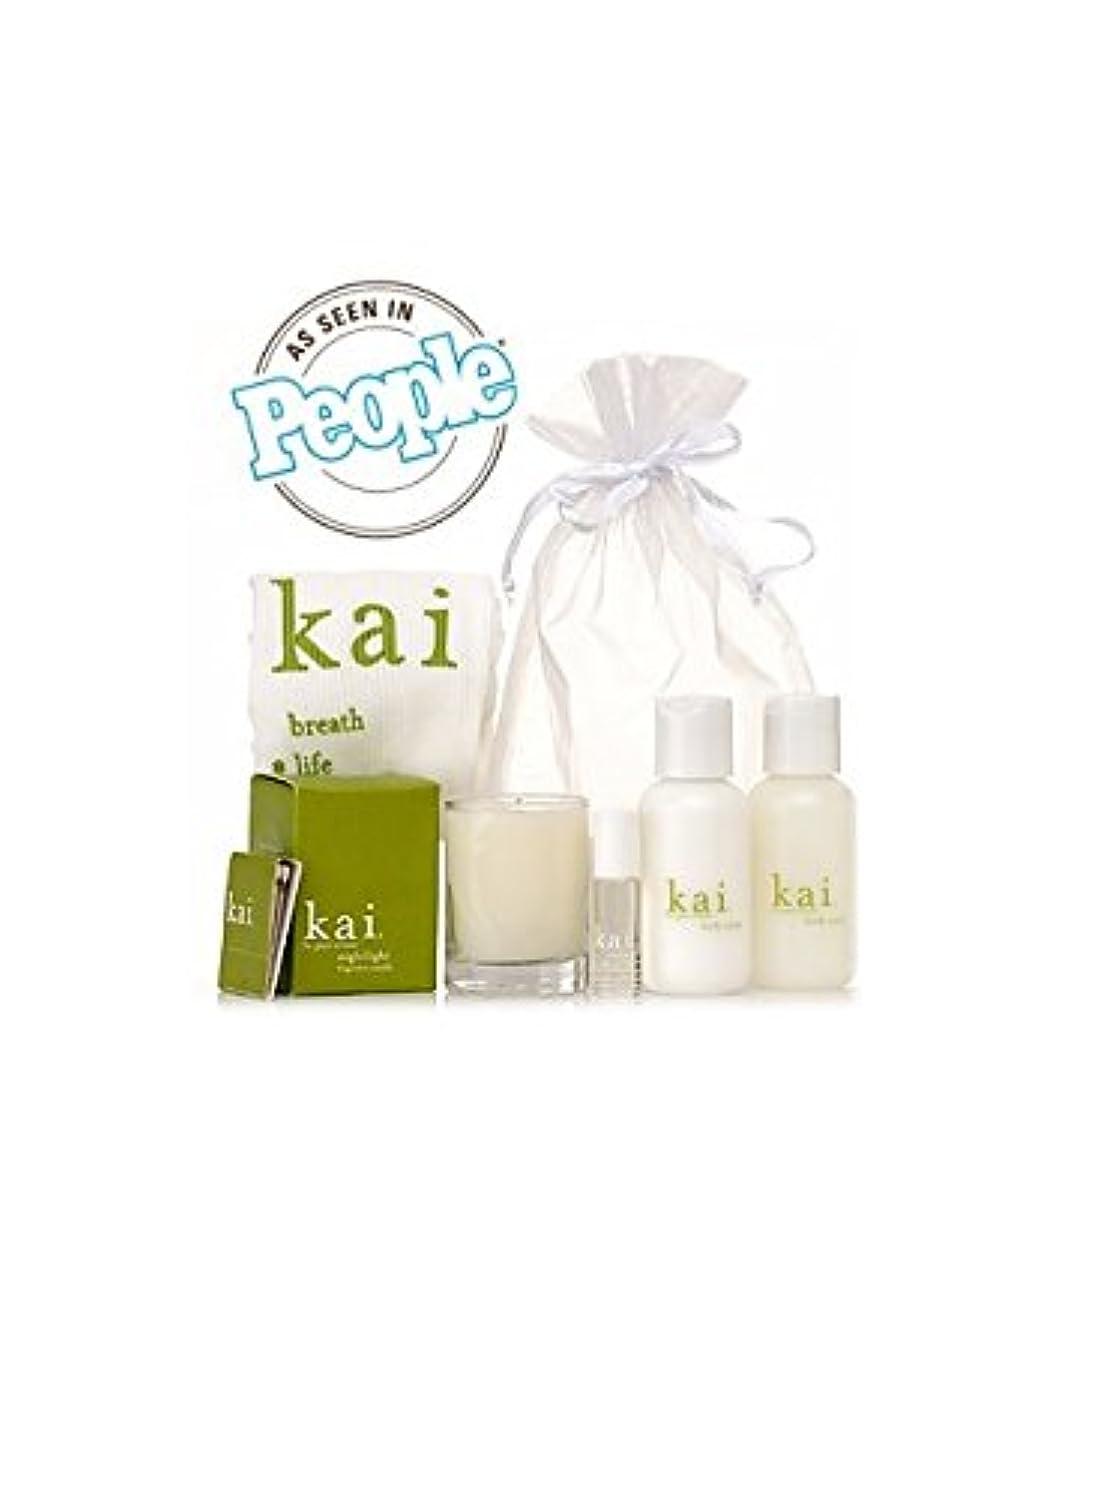 アストロラーベお気に入り衣類Kai gift bag (カイ ギフトバッグ) for Women